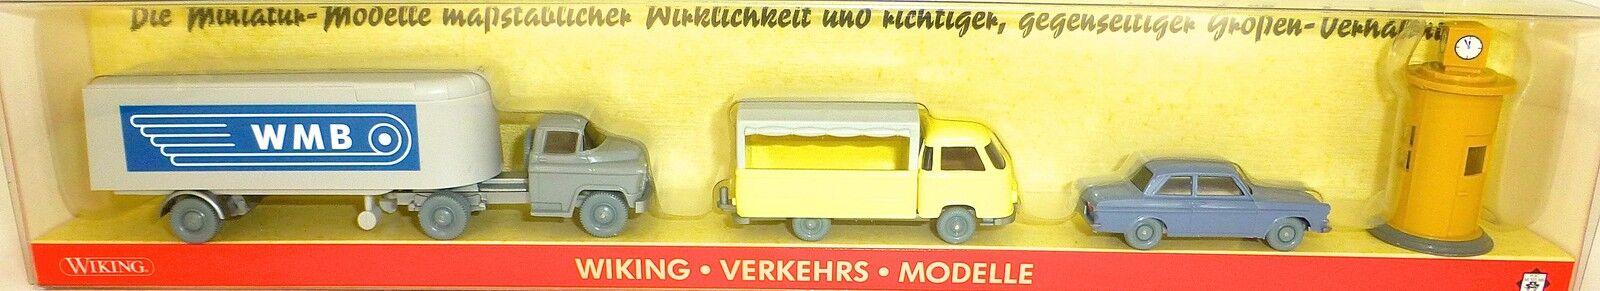 WIKING VERKEHRS MODELLE Ausgabe 10 PMS 178489 Wiking H0 OVP LF1 å